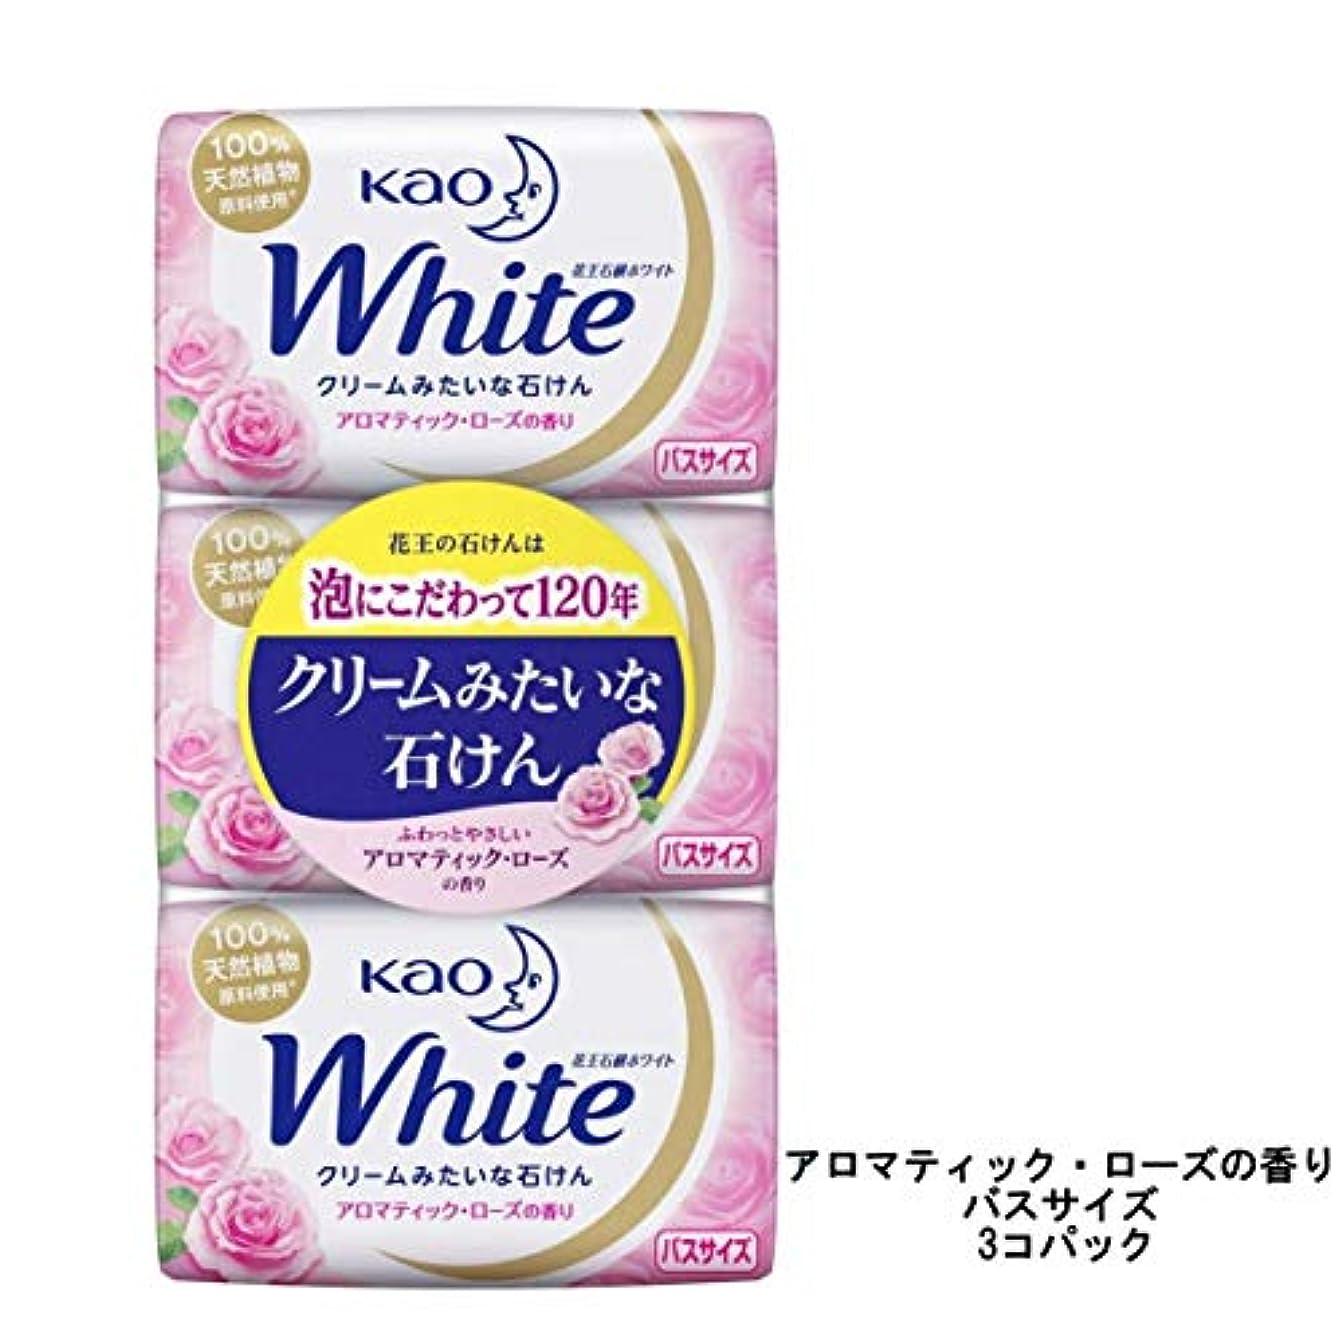 ホワイトアロマティックローズバスサイズ3個パック130g×3